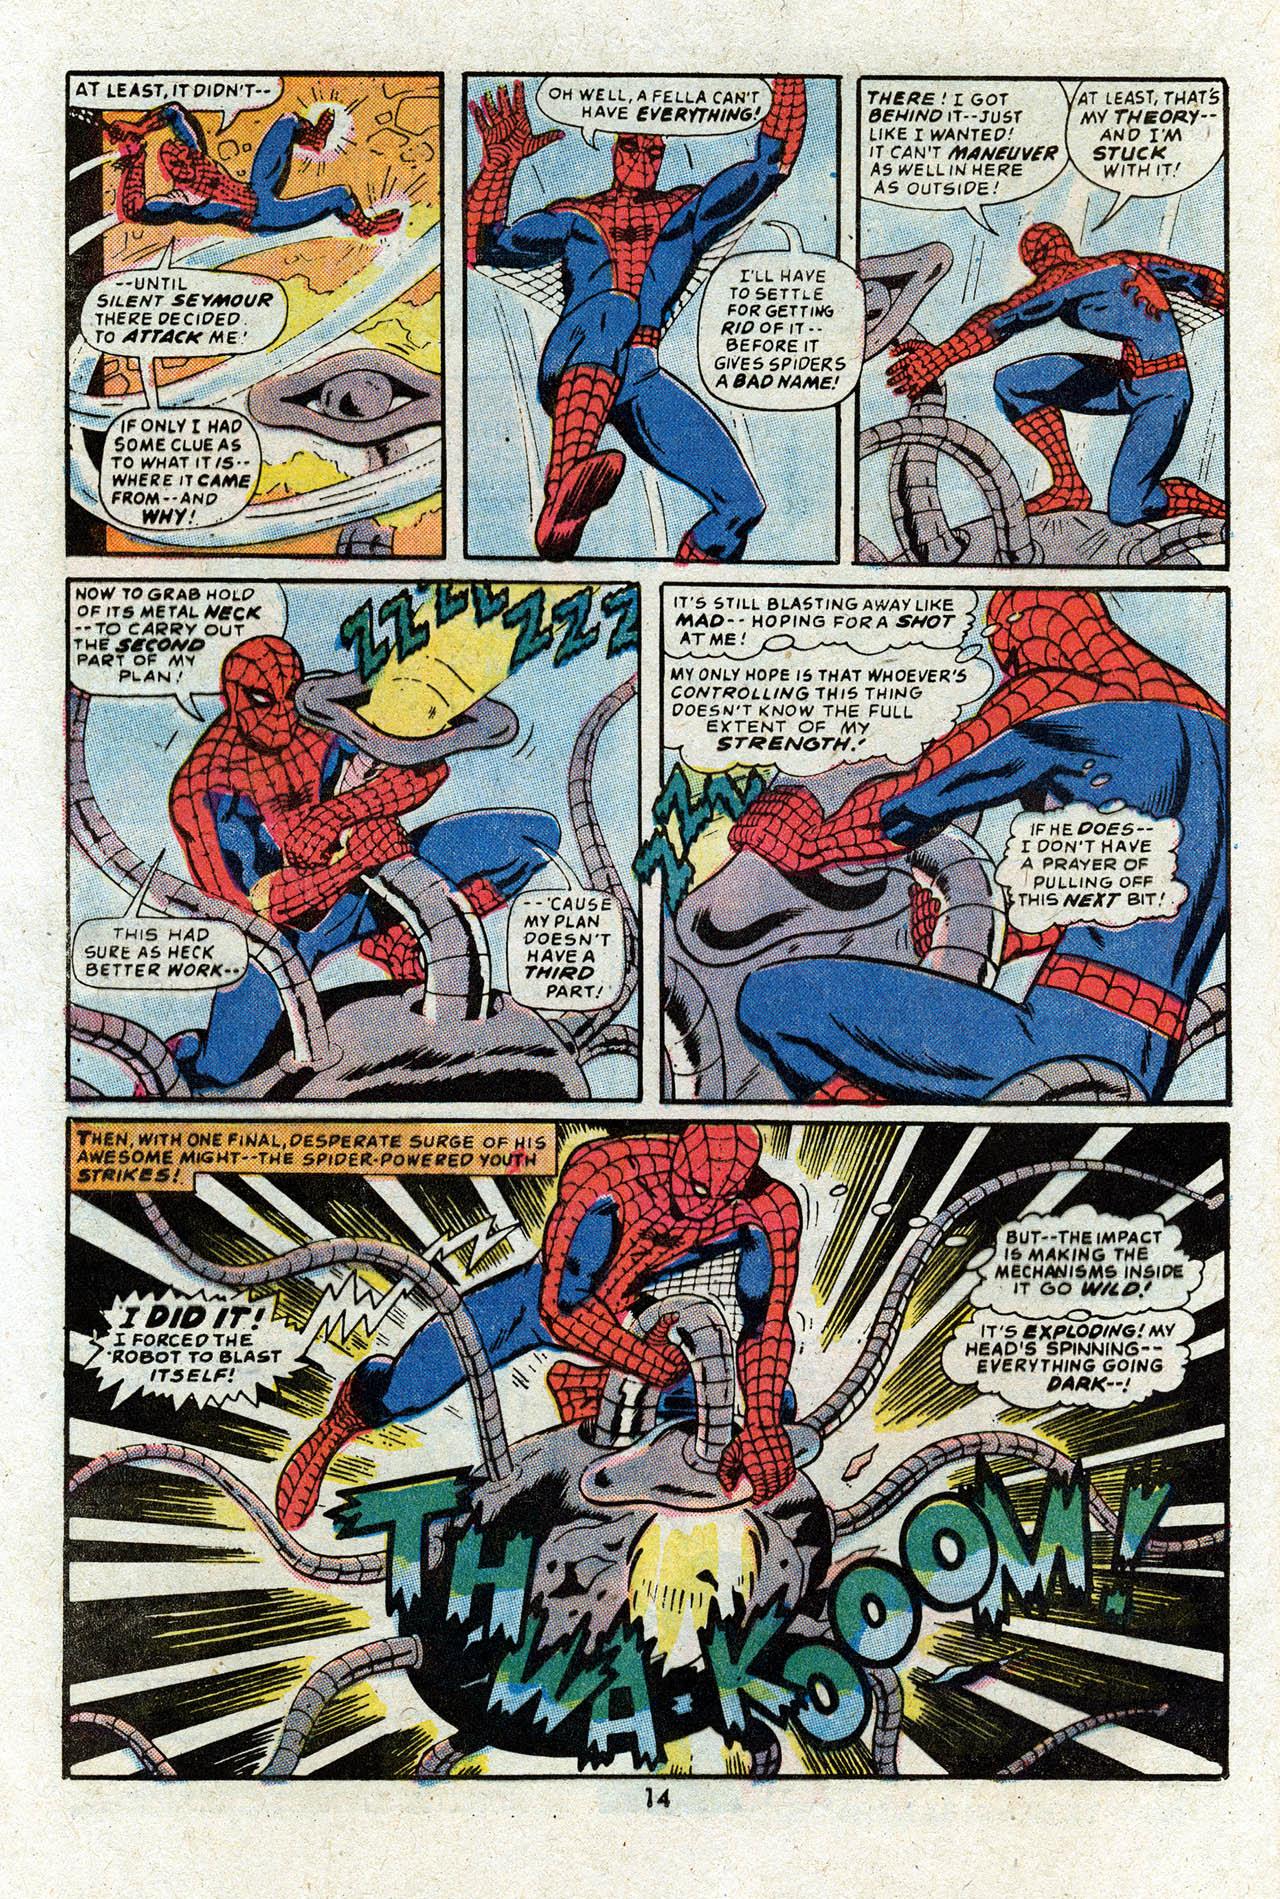 Read online Uncanny X-Men (1963) comic -  Issue #83 - 16